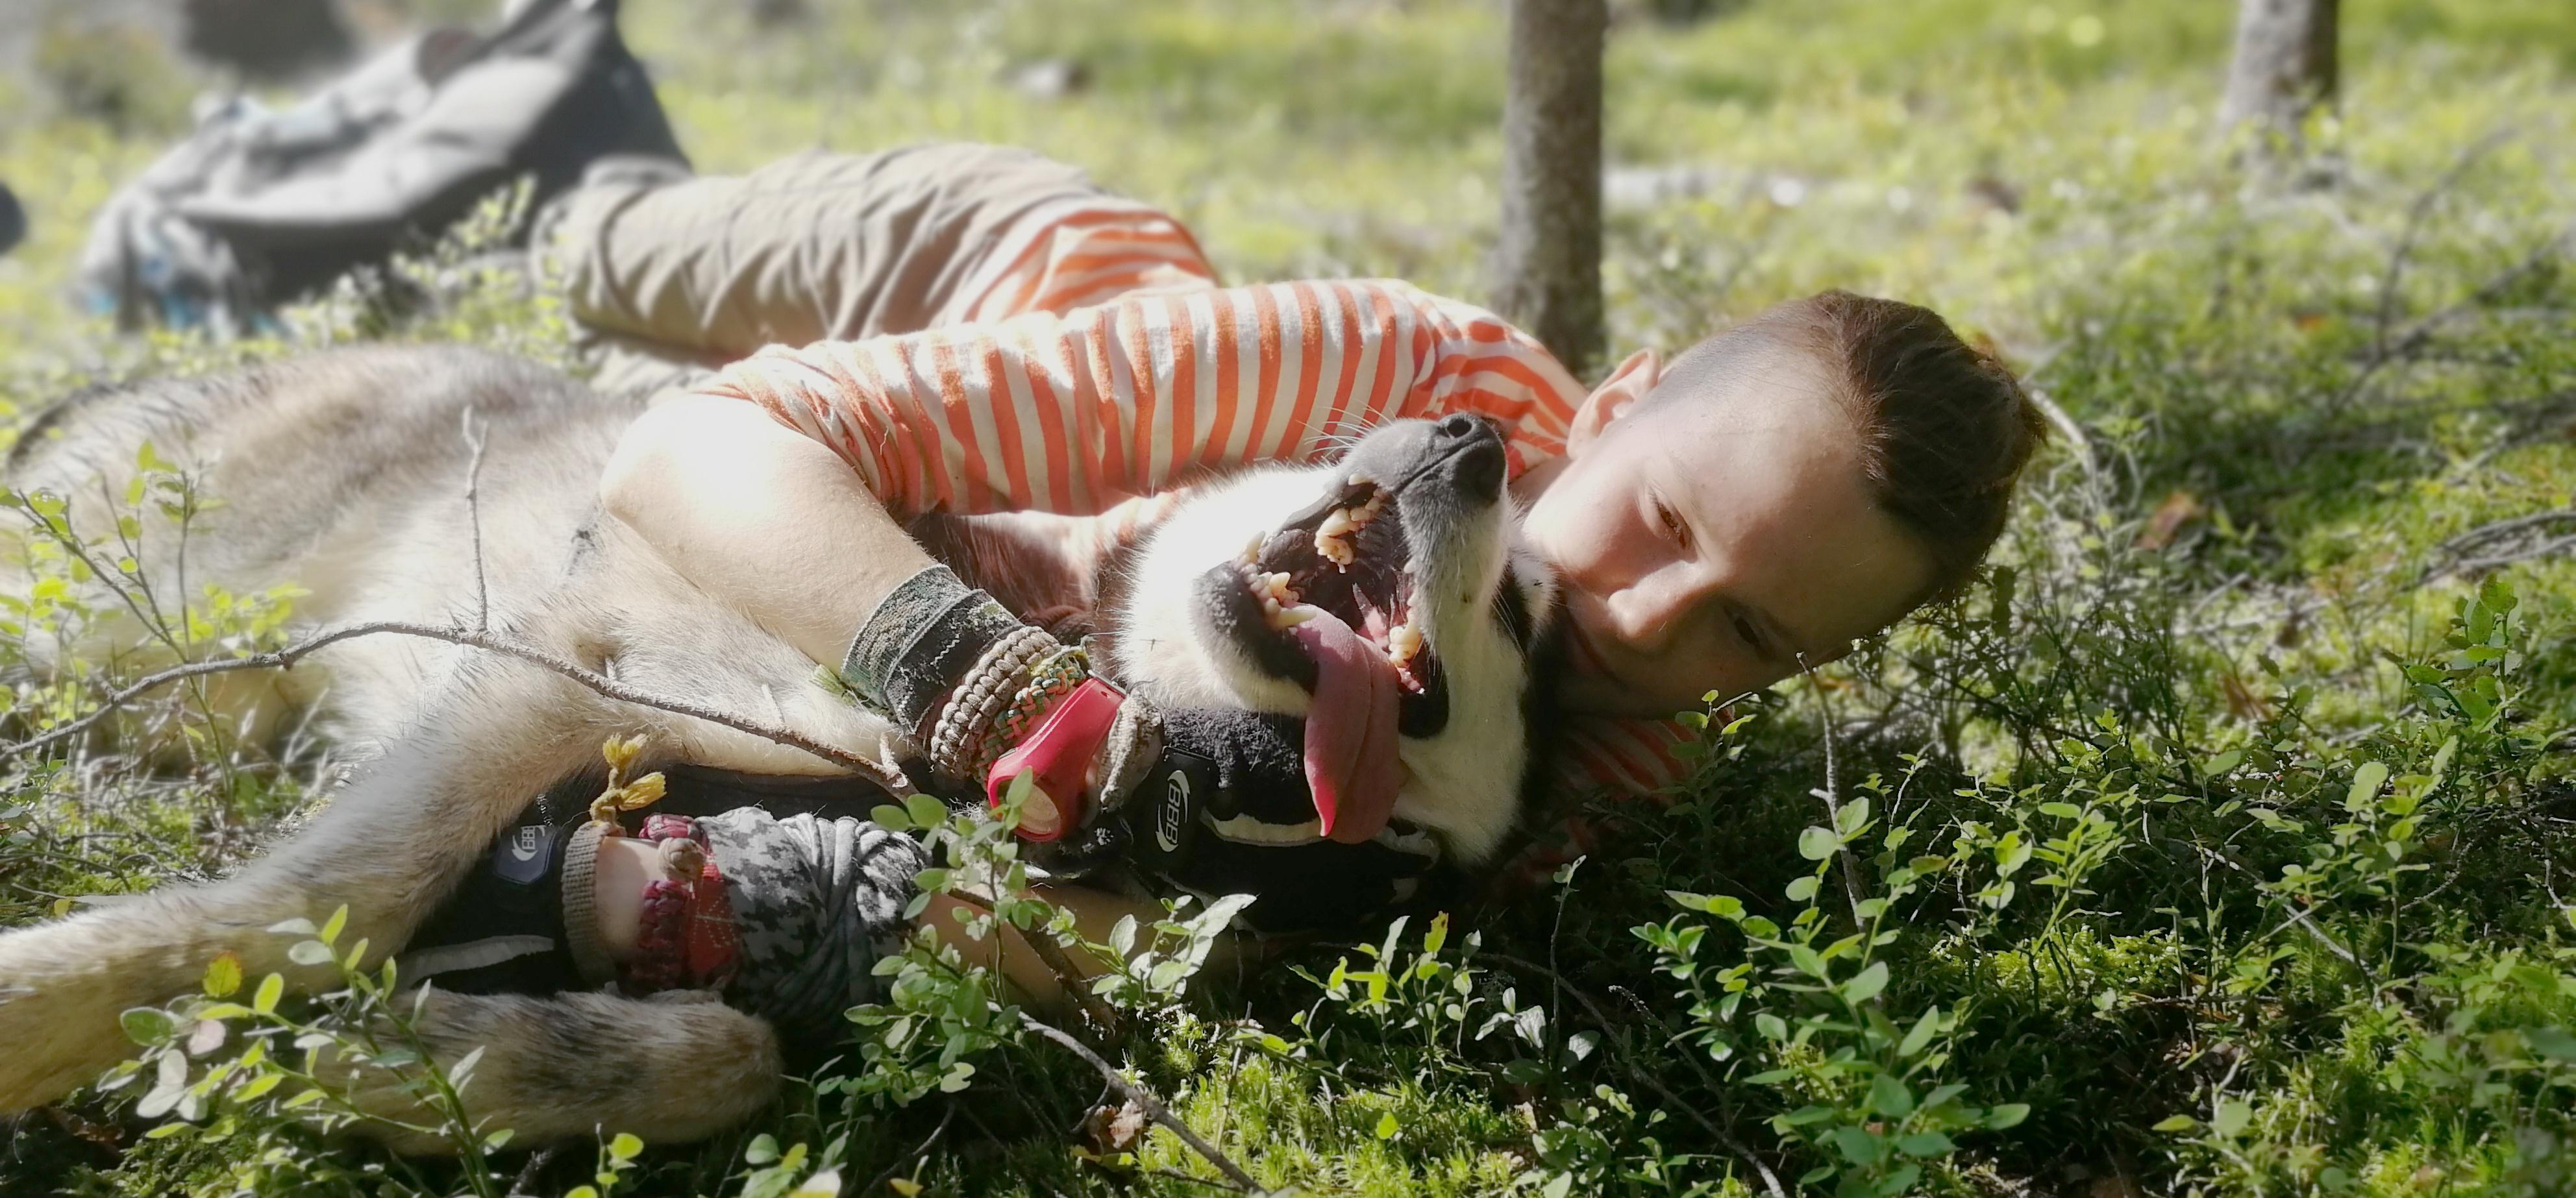 <span>Быть каюром означает быть со своей собакой везде</span>